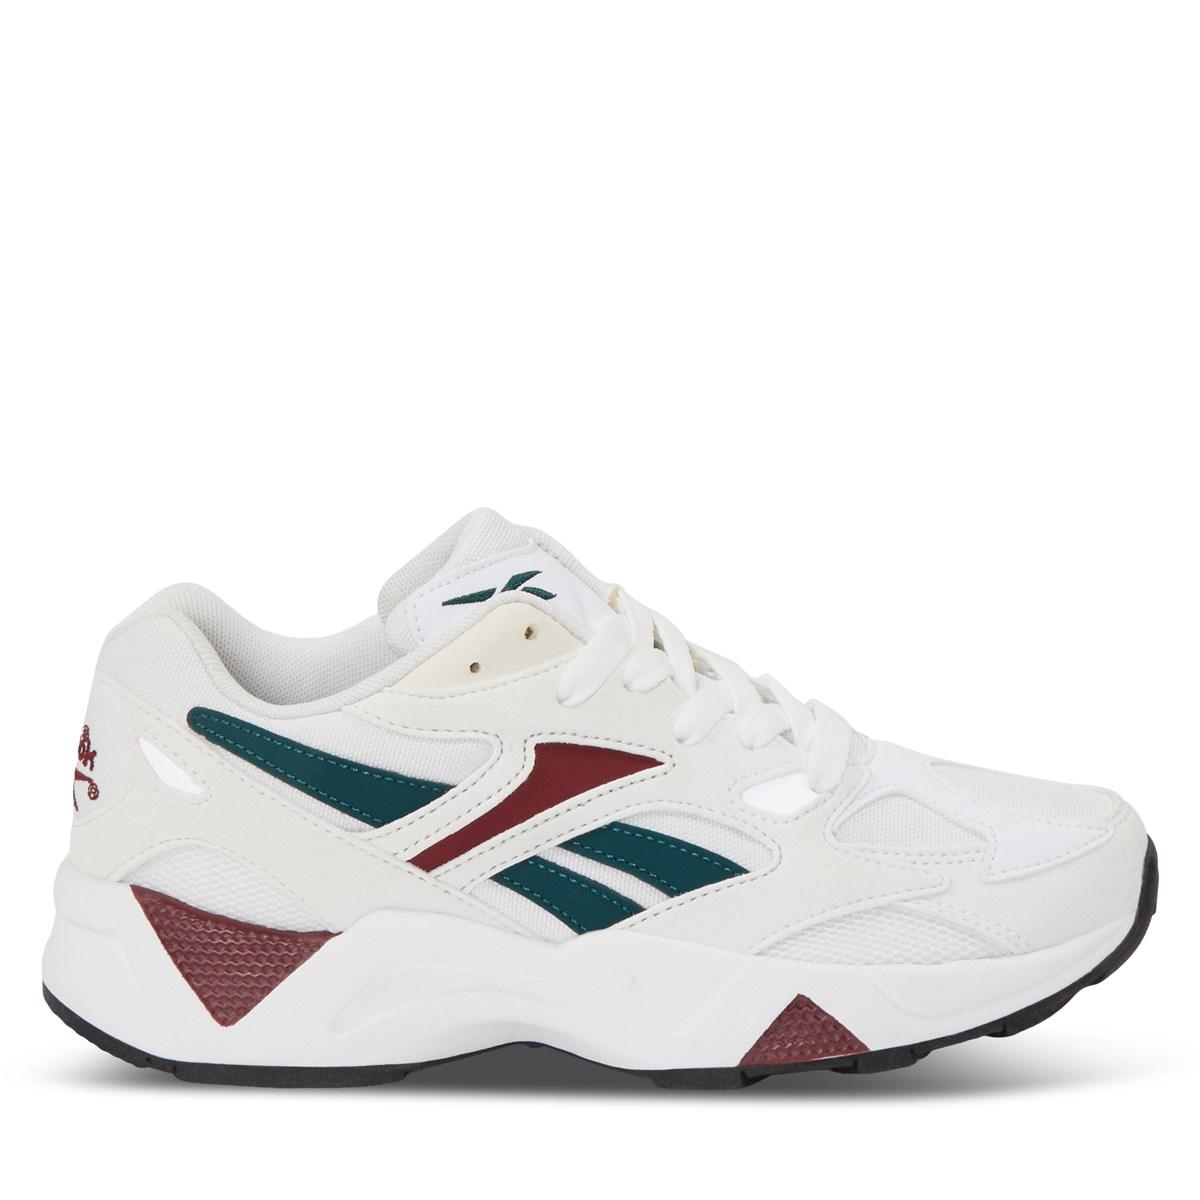 Women's Aztrek 96 Sneakers in White